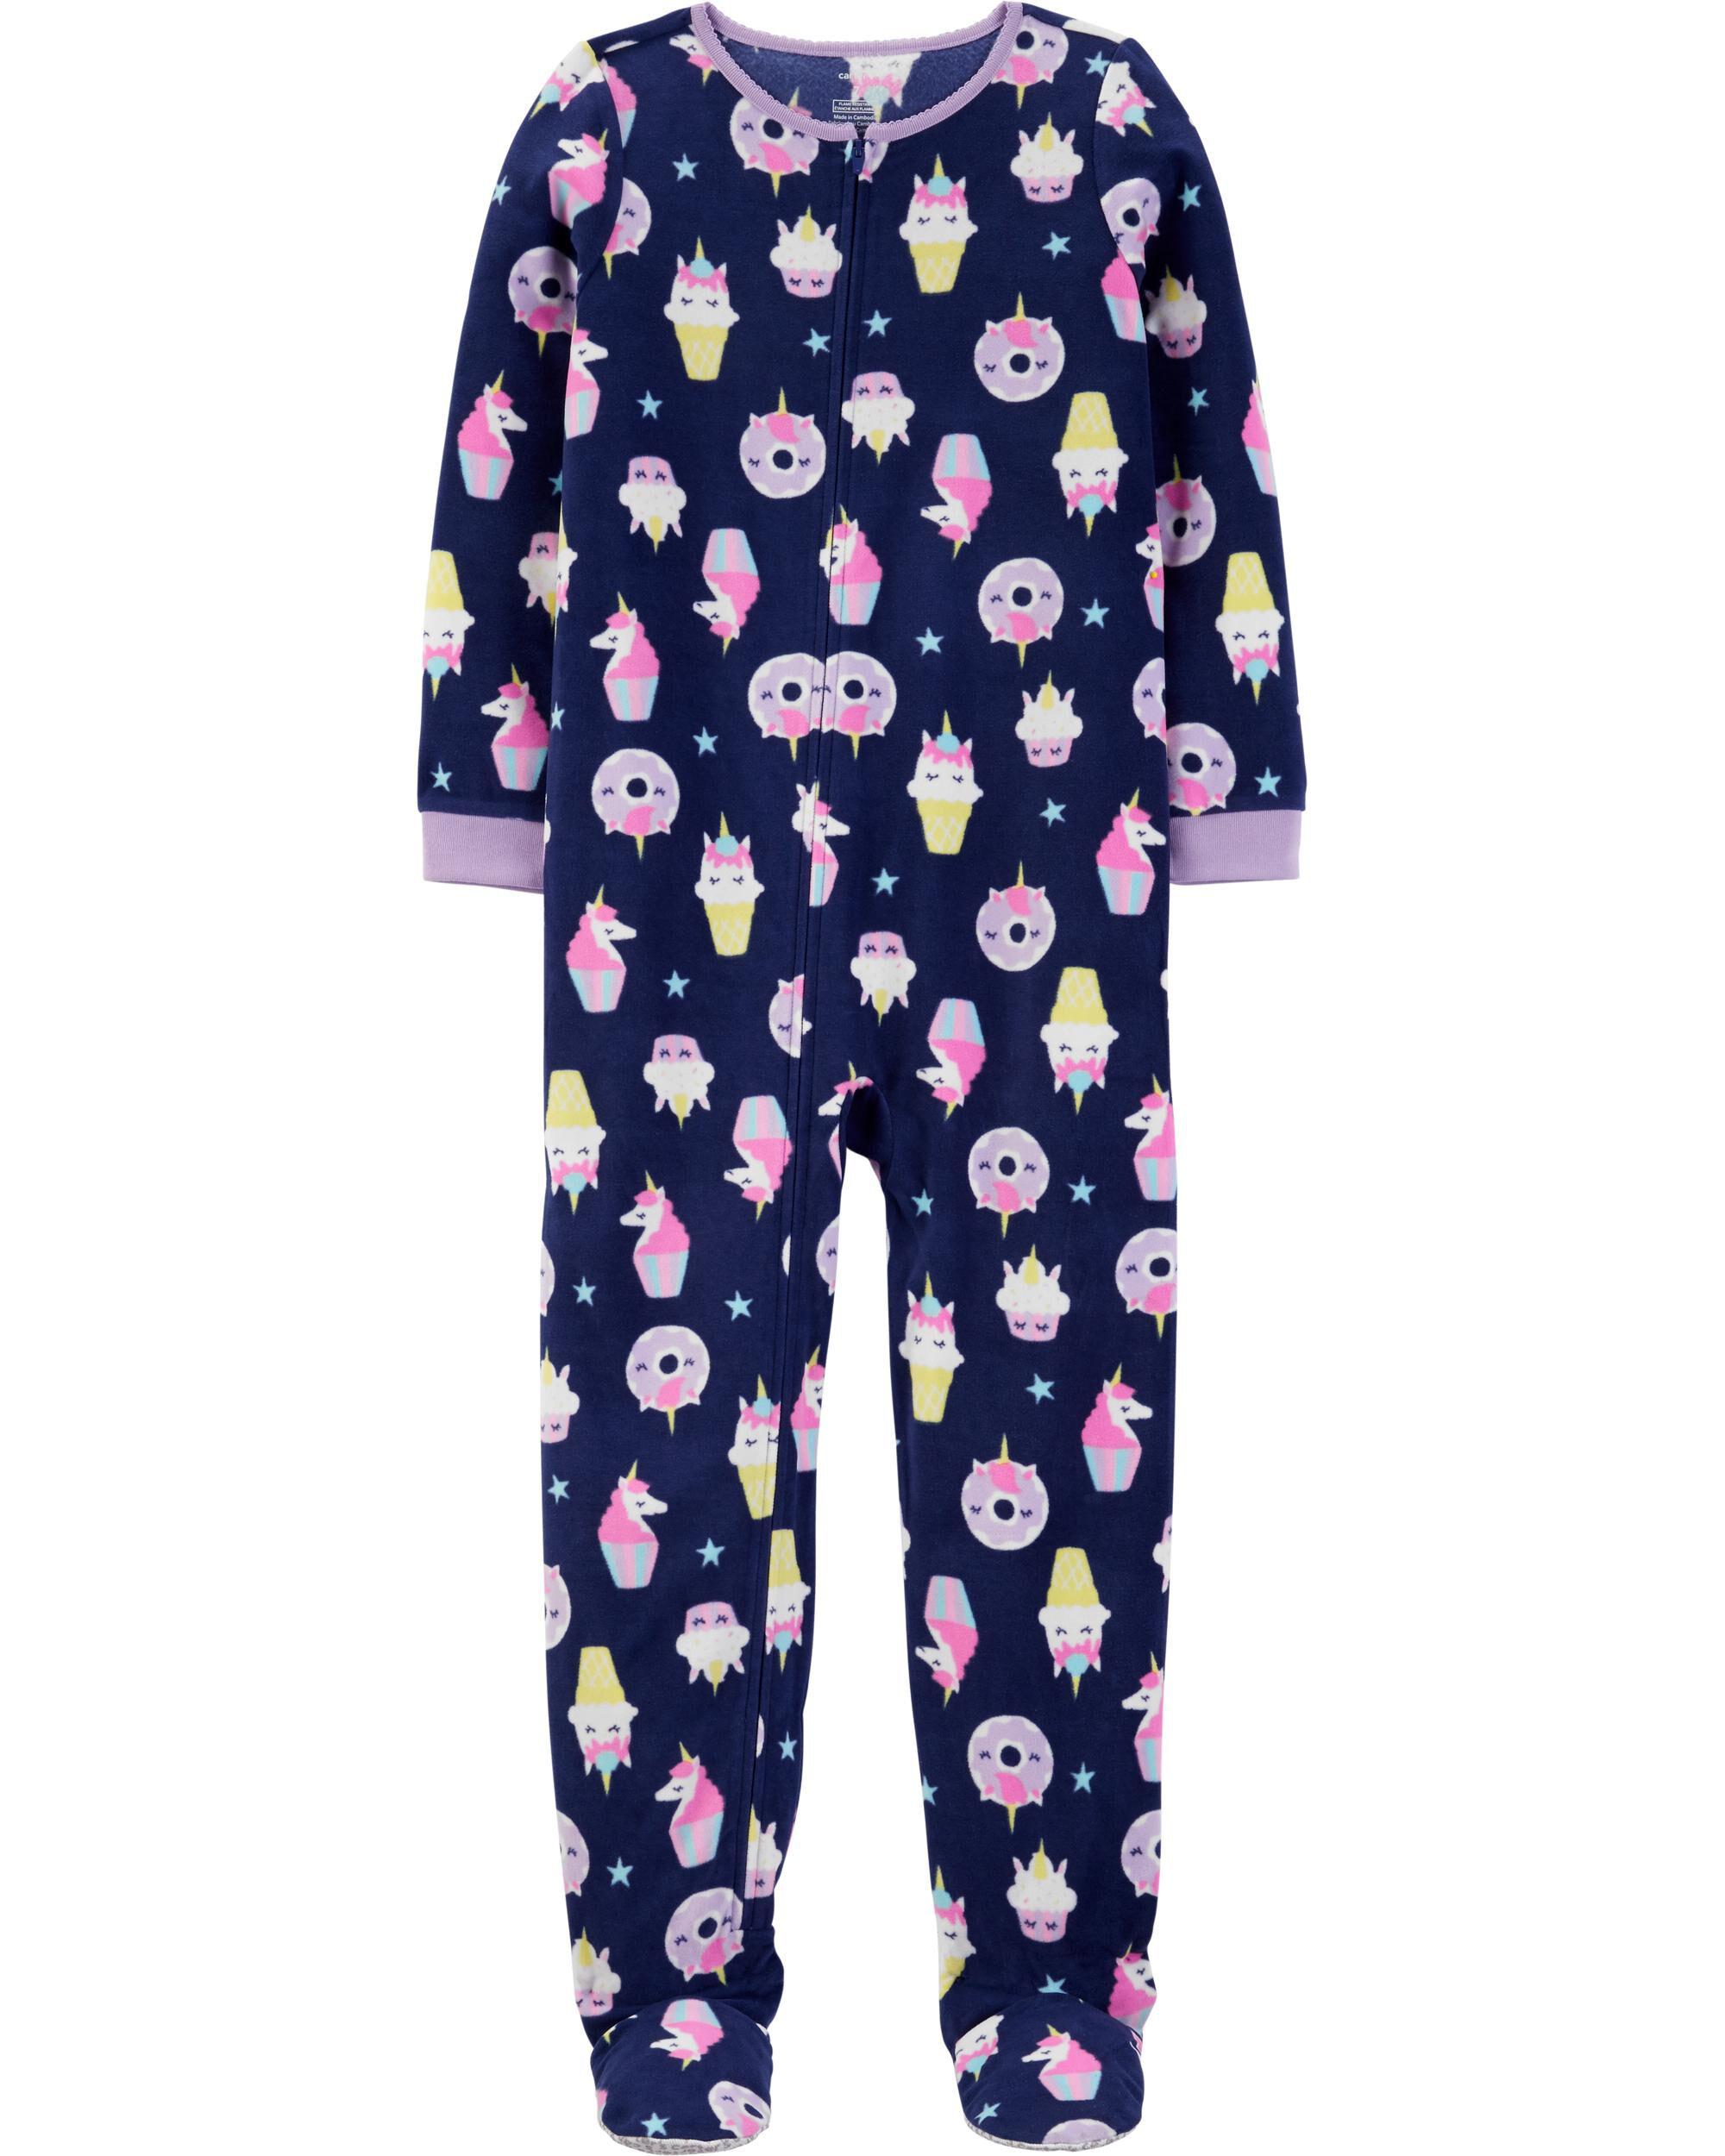 *DOORBUSTER* 1-Piece Unicorn Cupcake Fleece Footie PJs